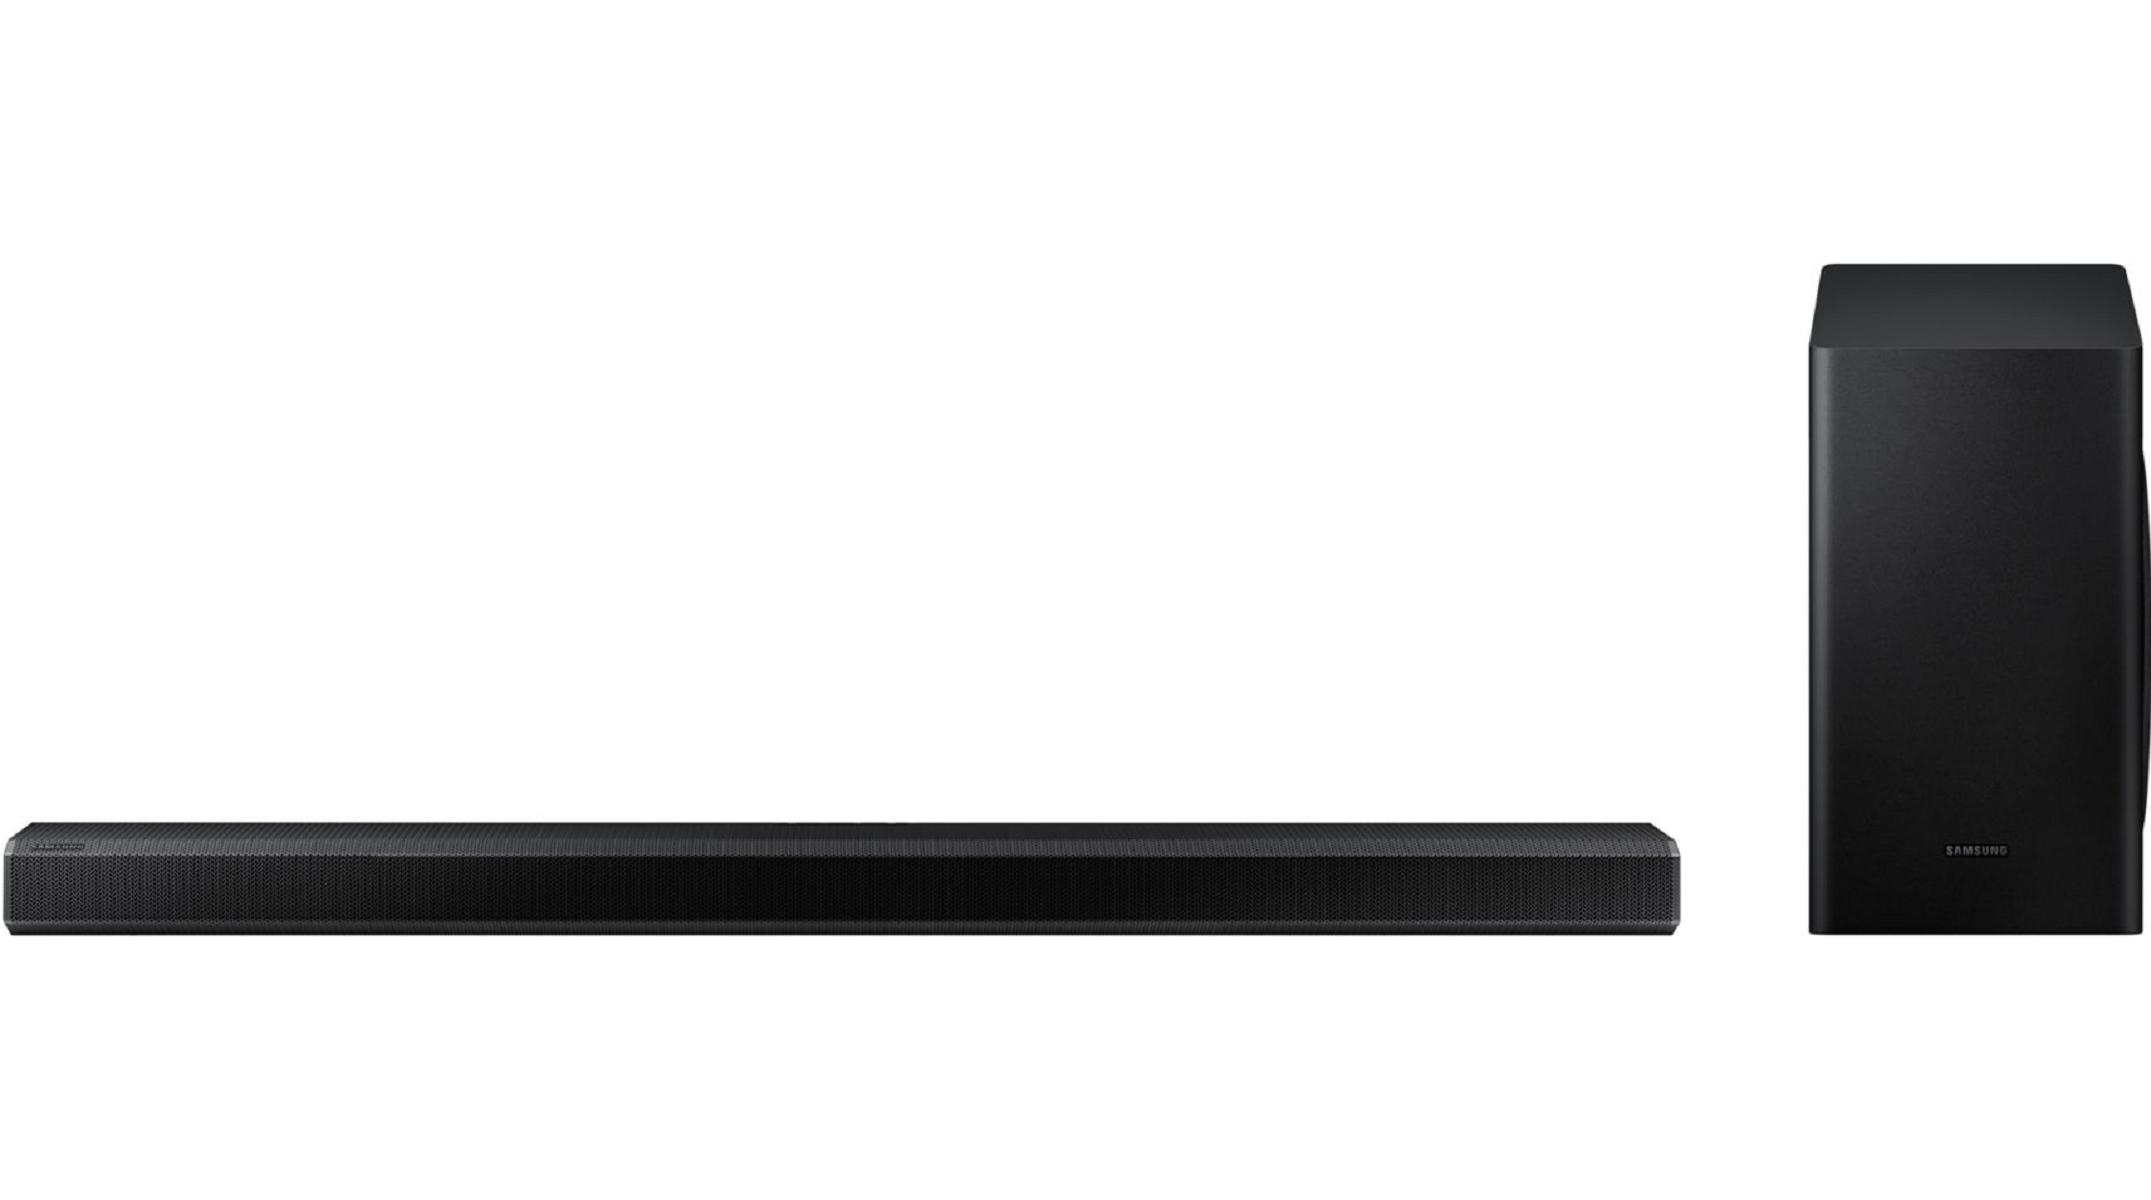 Barre de son 3.1.2 - HW-Q70T